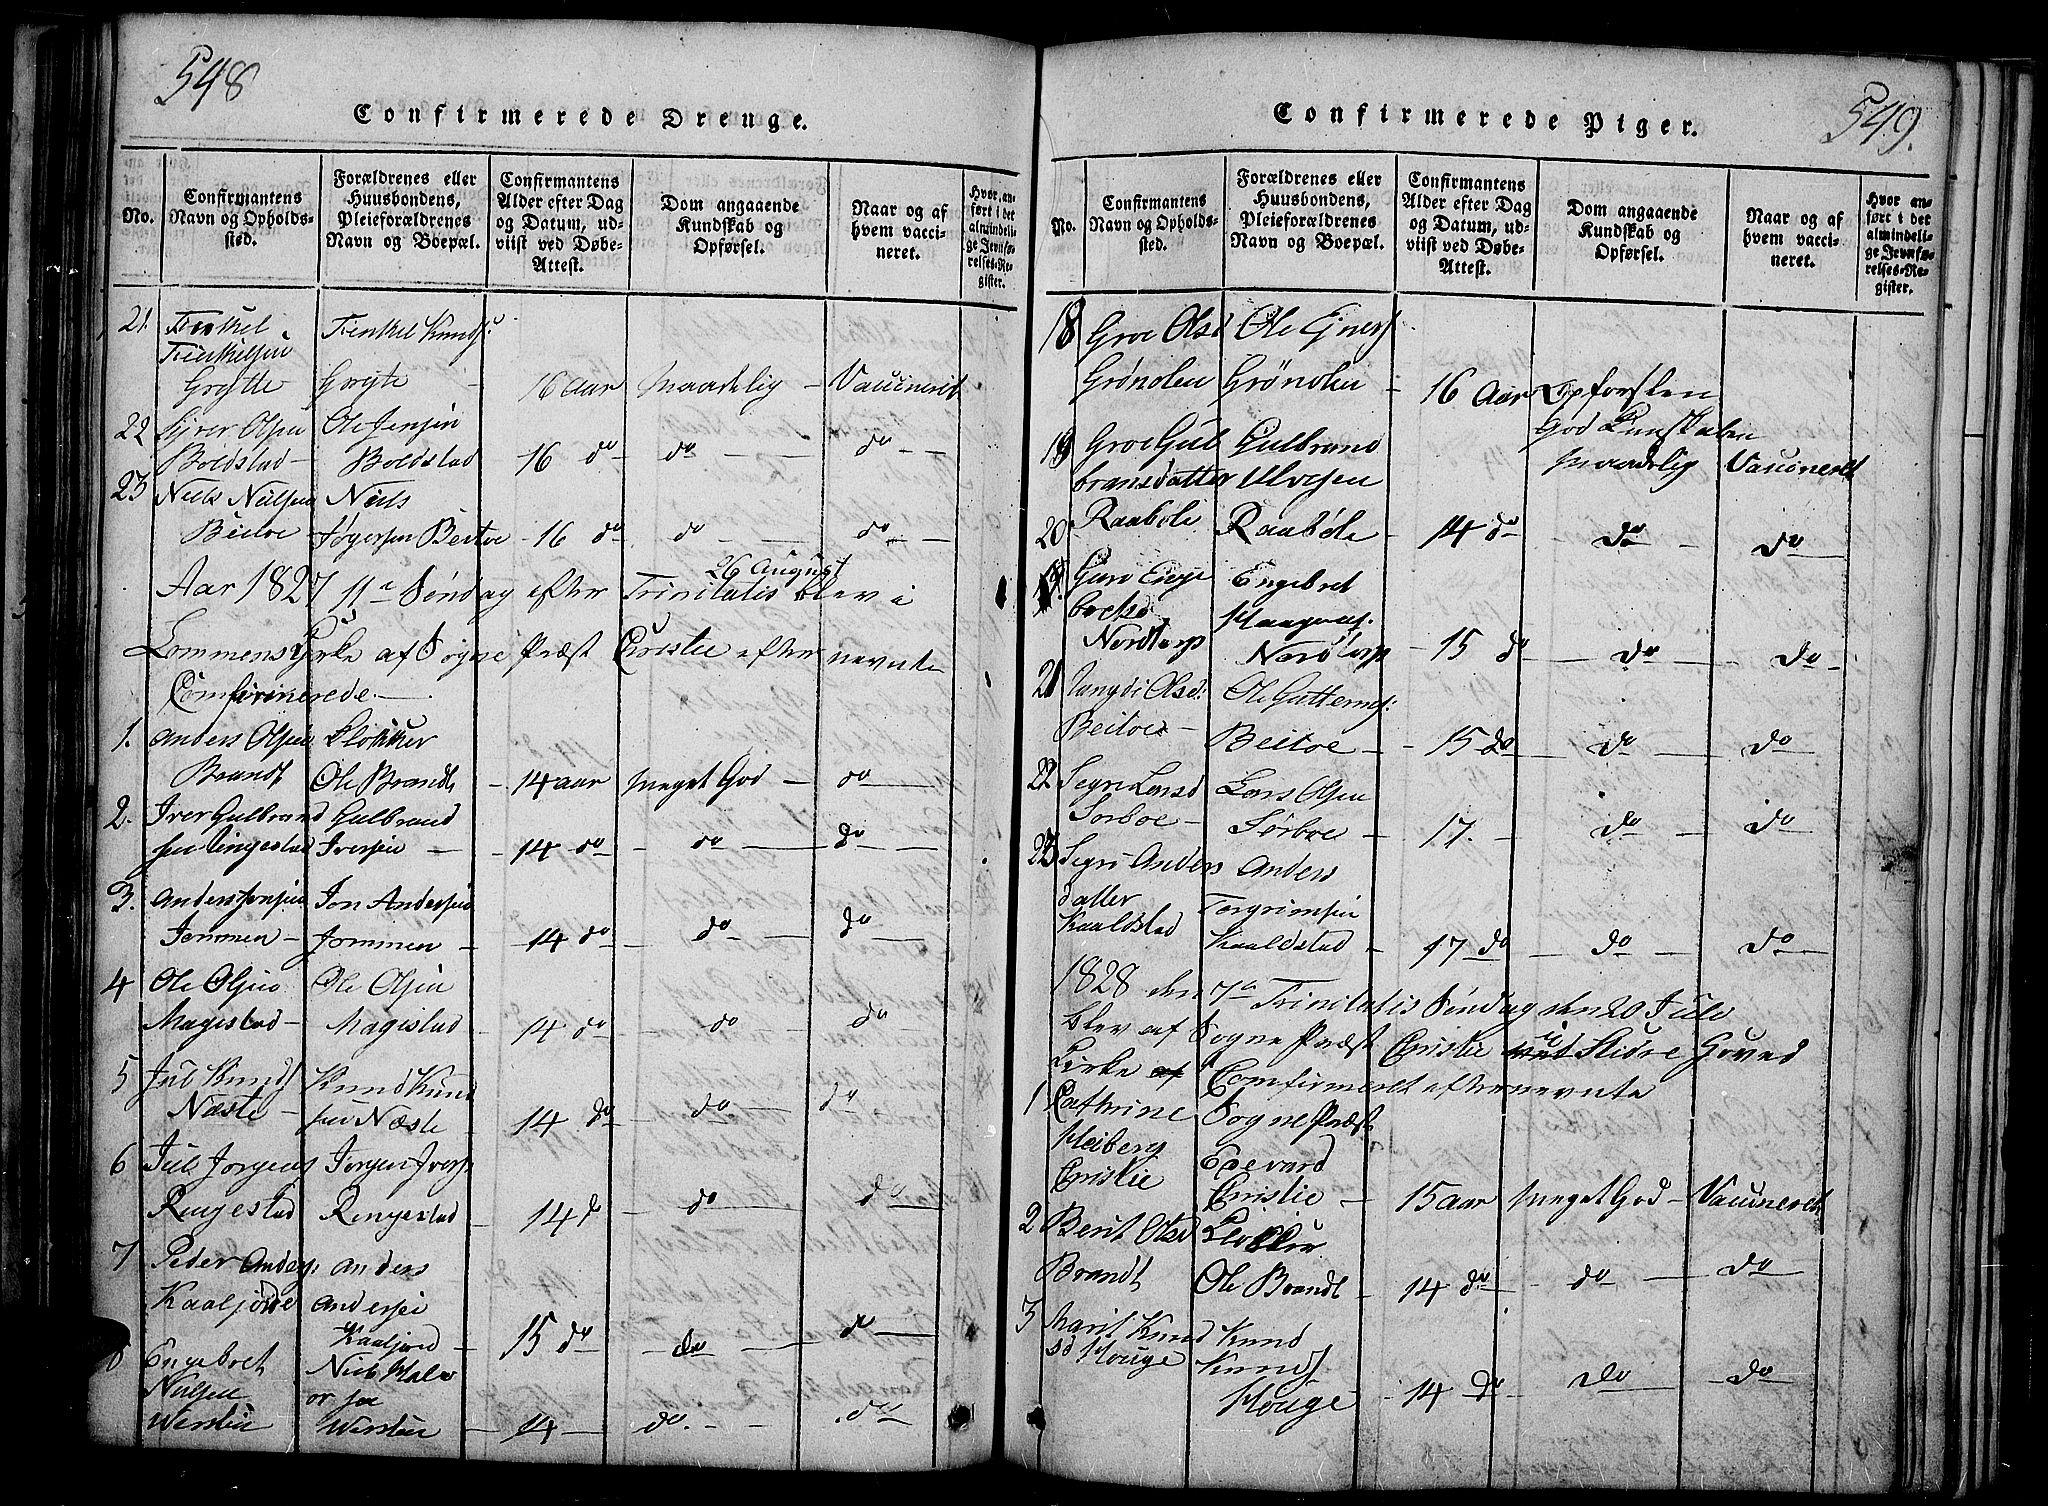 SAH, Slidre prestekontor, Ministerialbok nr. 2, 1814-1830, s. 548-549